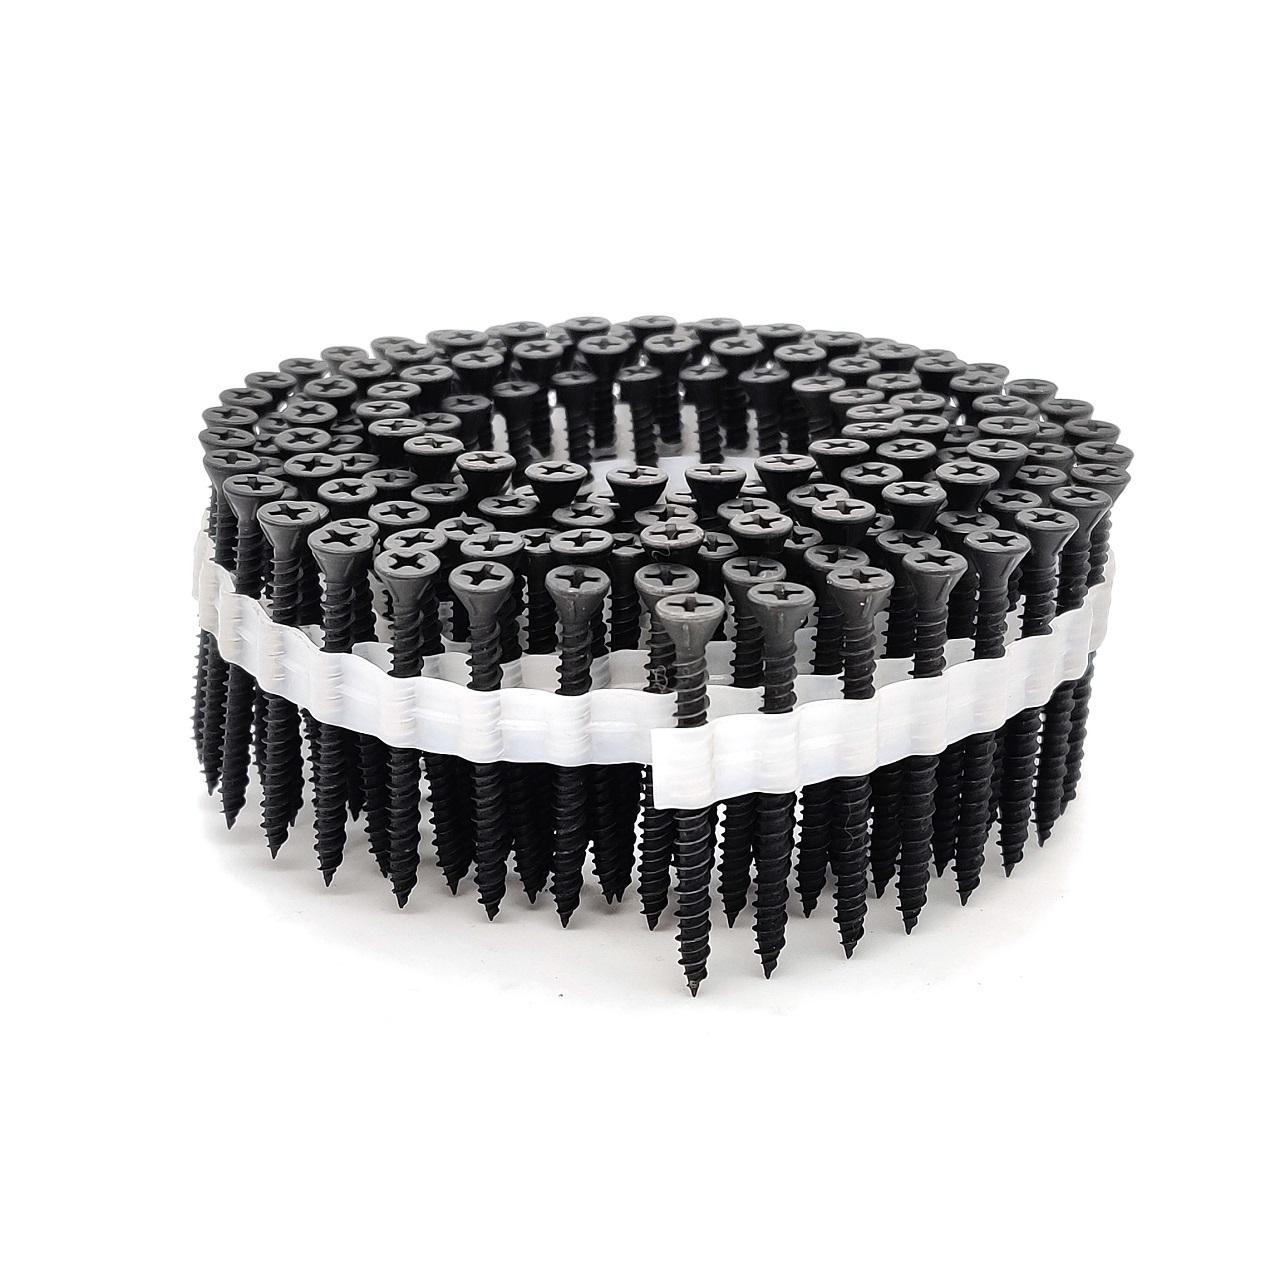 Coil Faserplattenschrauben | phosphatiert | Hi-Lo-Gewinde | 3,9x25